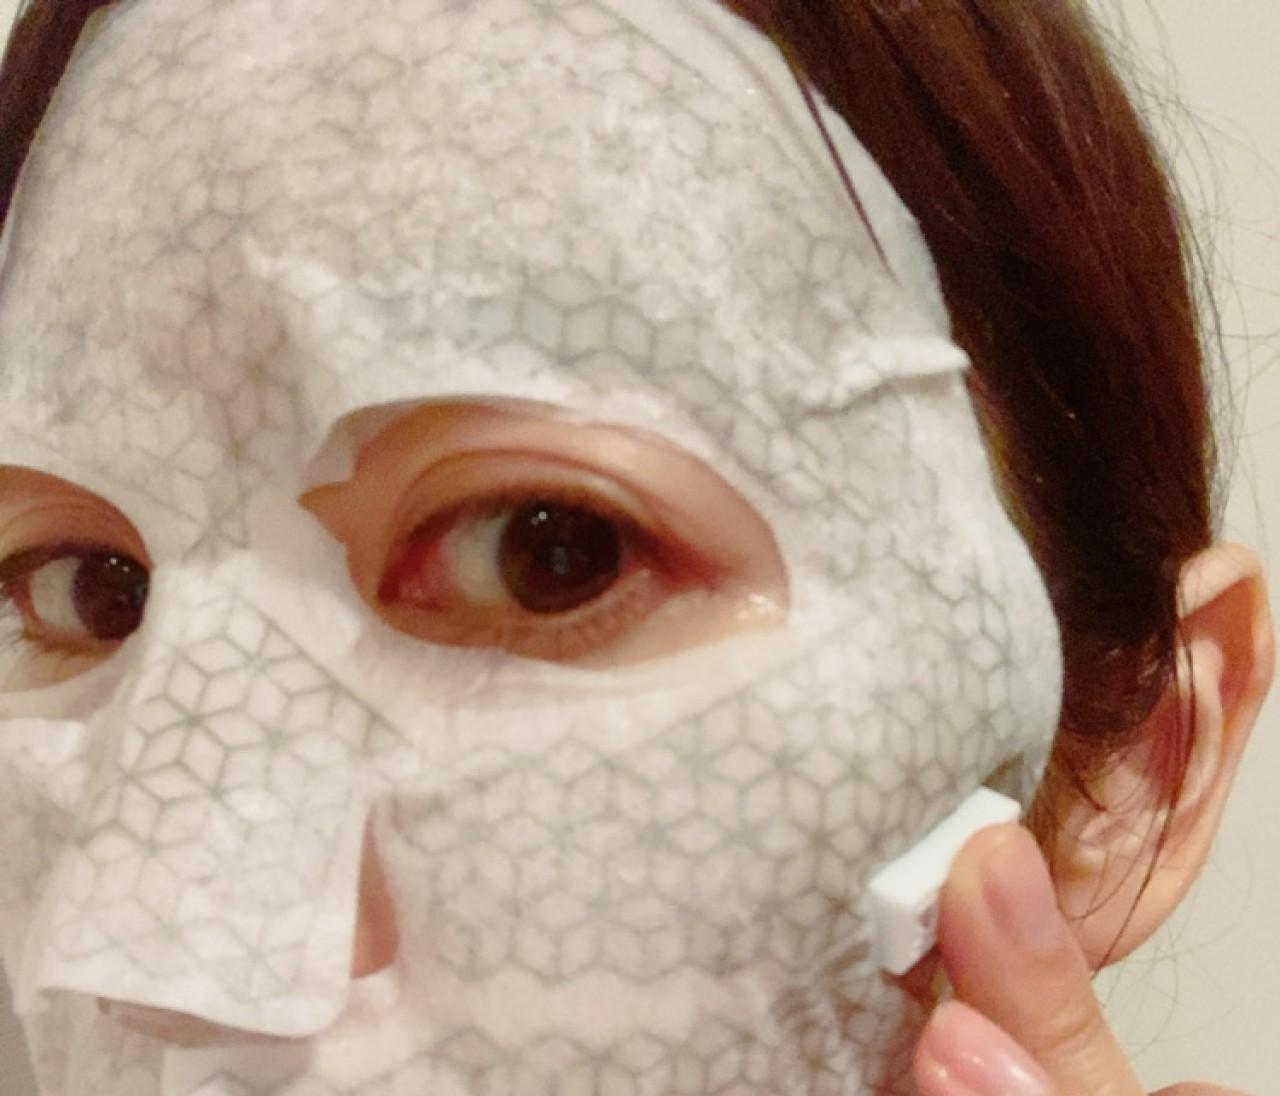 美顔器級の仕上がり!お家エステできると話題の微小電流マスク